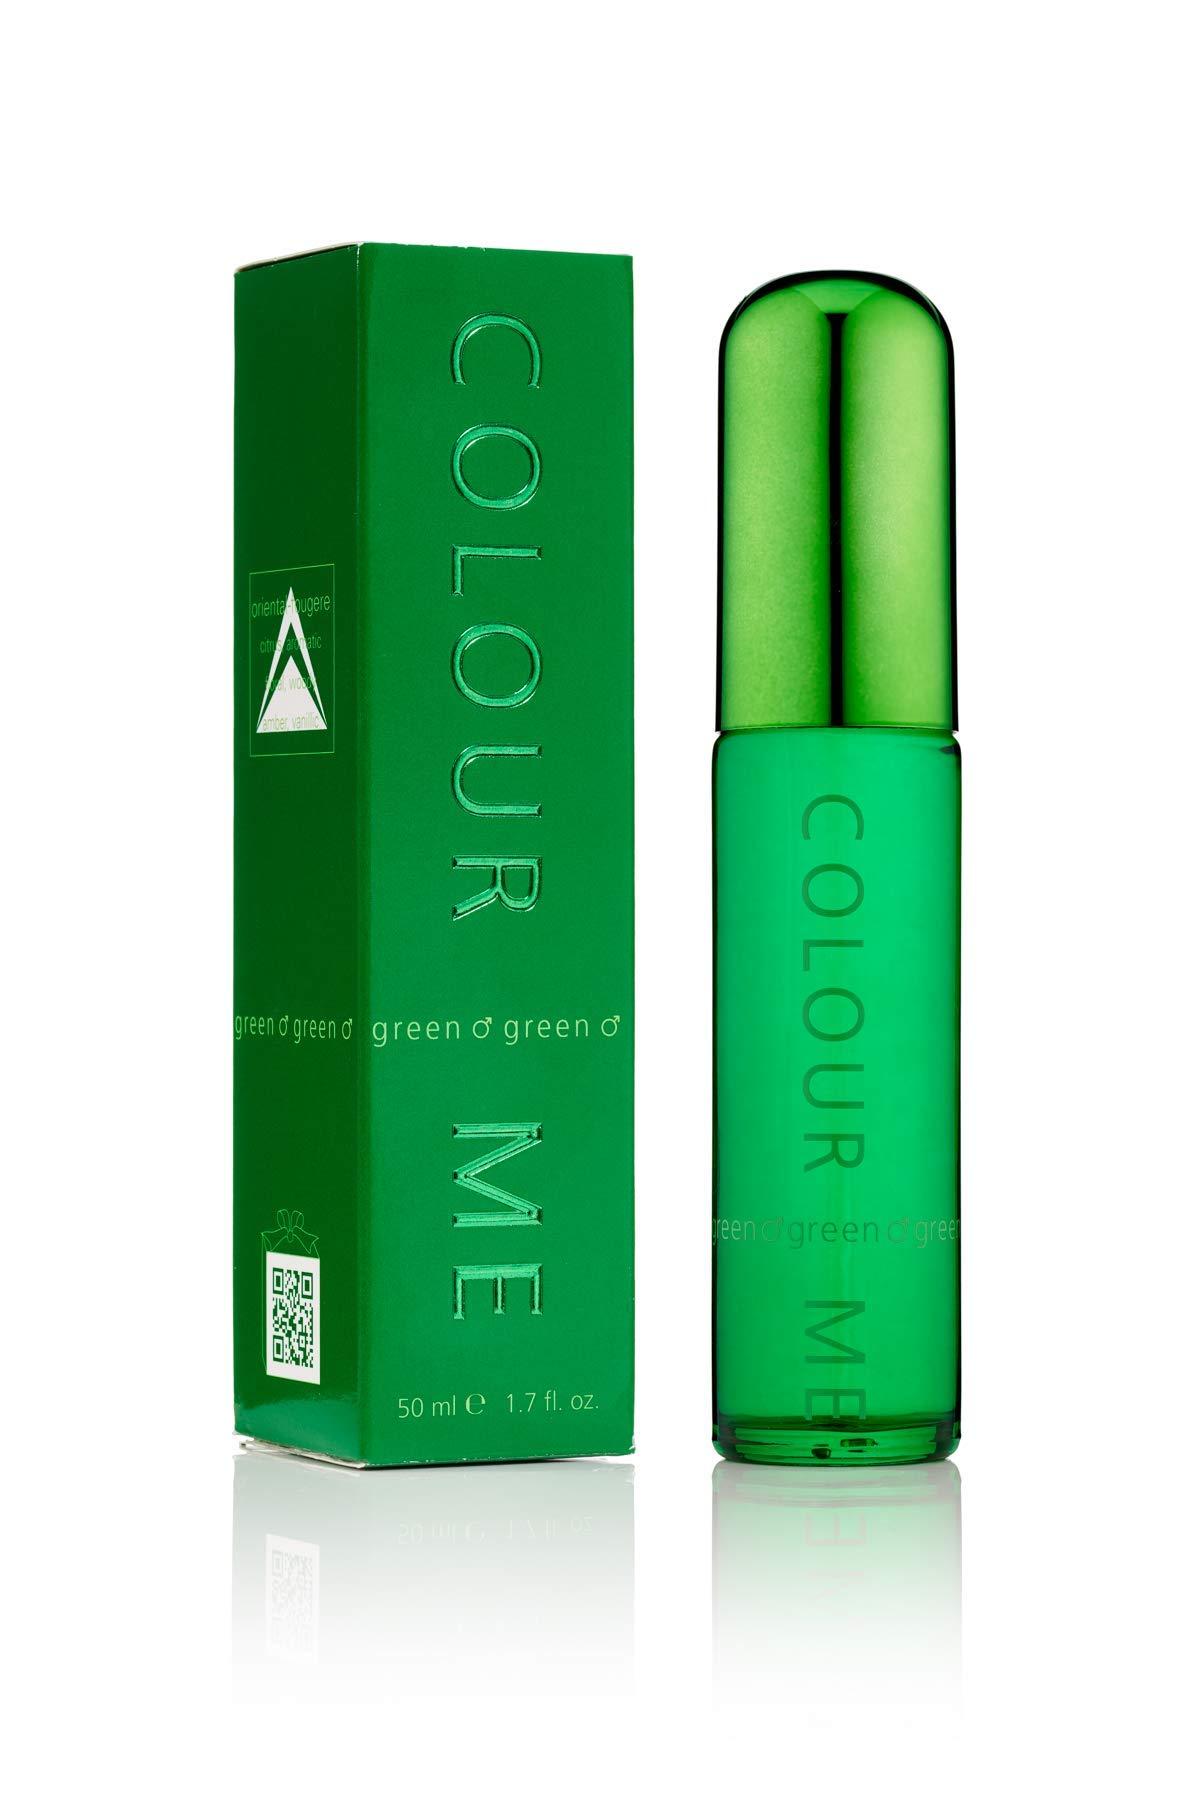 Colour Me | Green | Eau de Toilette | Fragrance Spray for Men | Oriental Fougere Scent | 1.7 oz